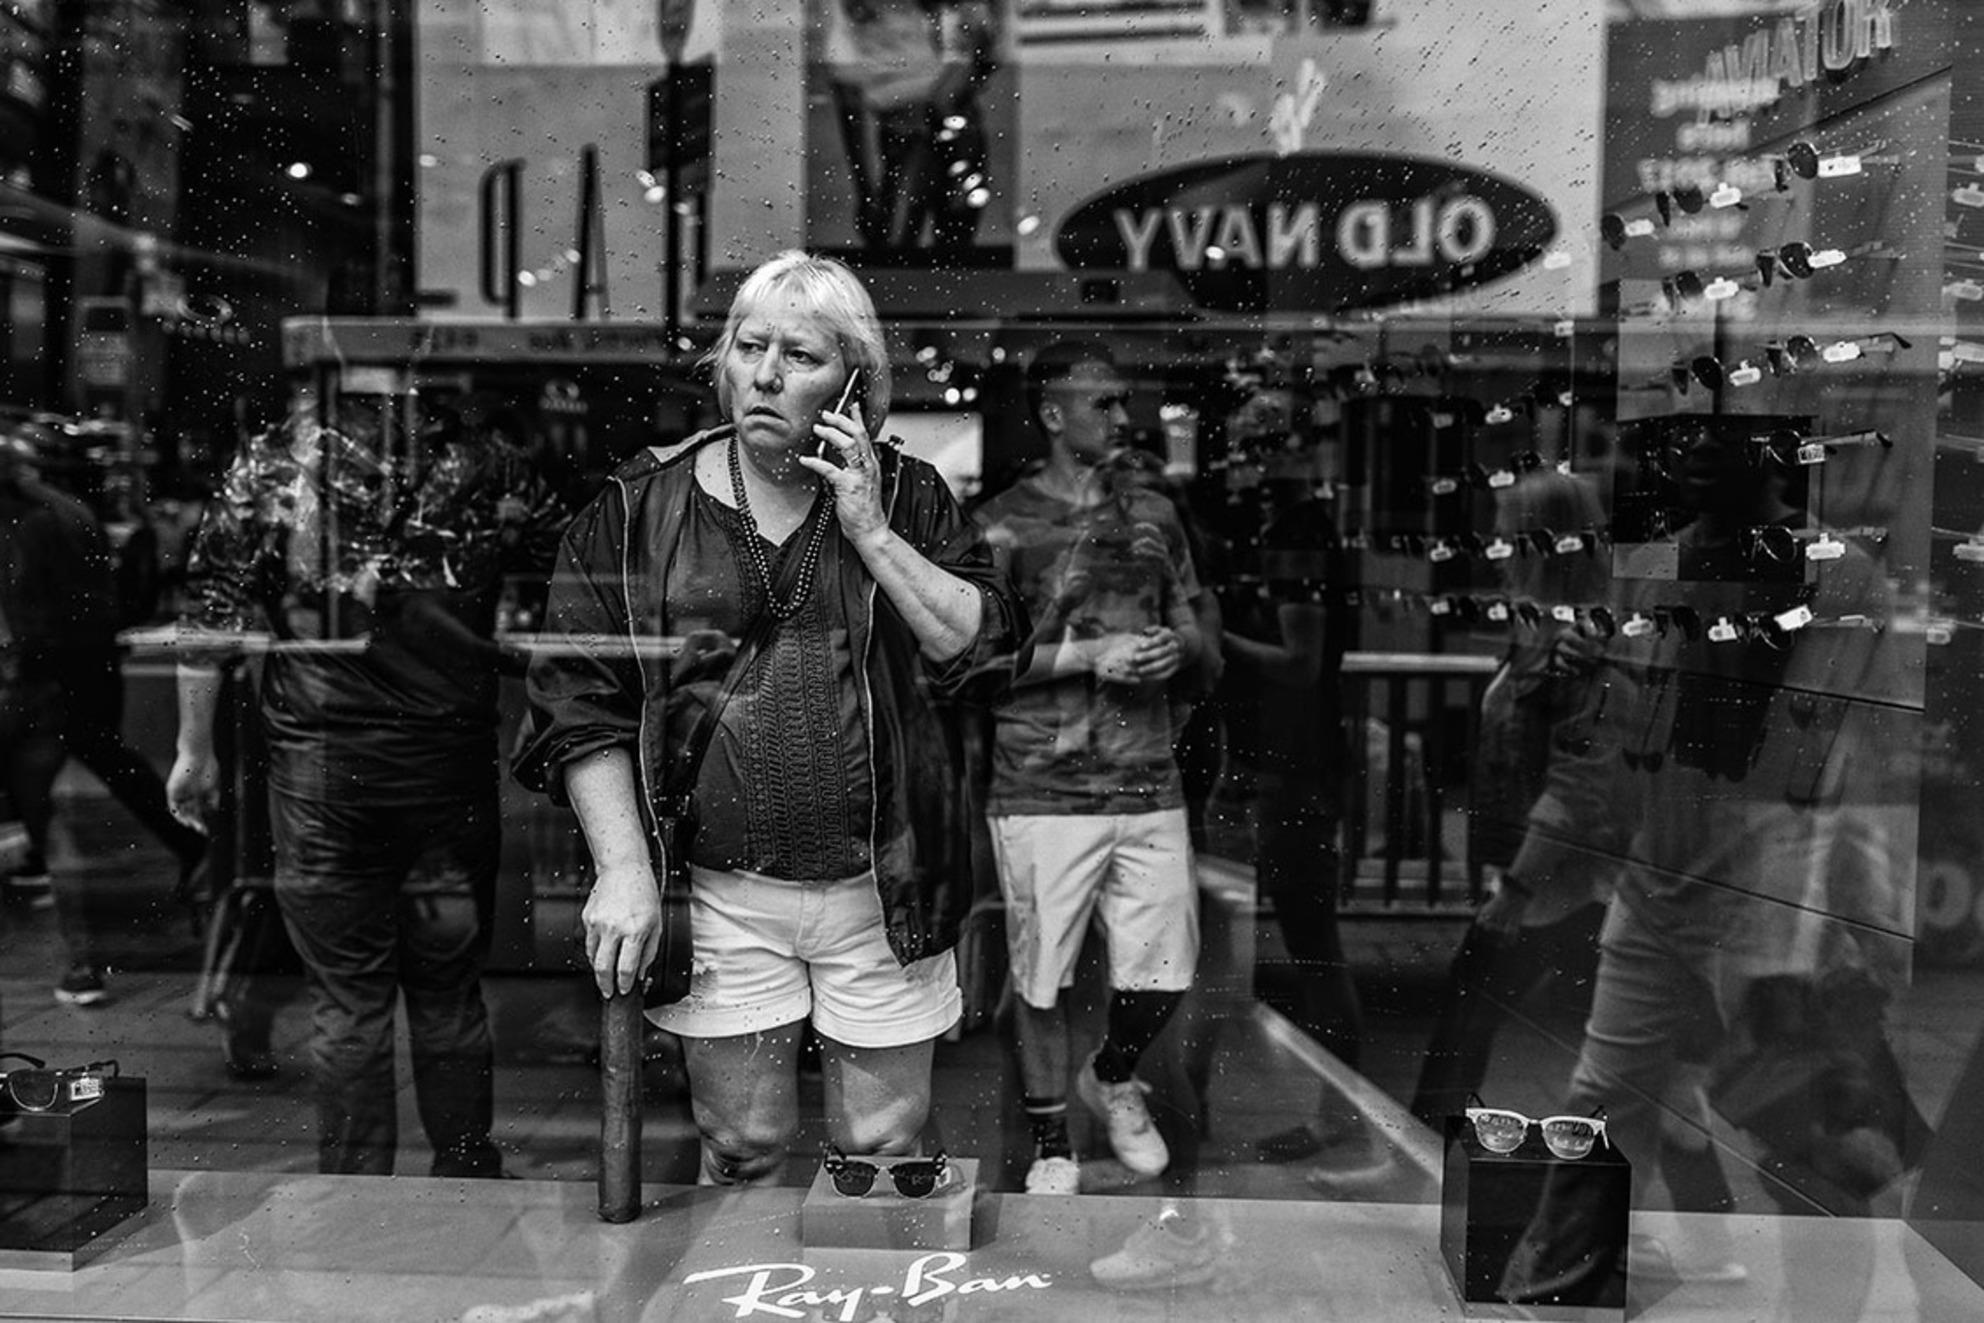 NewYork Street 1 - - - foto door canadian op 10-10-2019 - deze foto bevat: vrouw, straat, licht, portret, spiegeling, zwartwit, newyork, straatfotografie - Deze foto mag gebruikt worden in een Zoom.nl publicatie